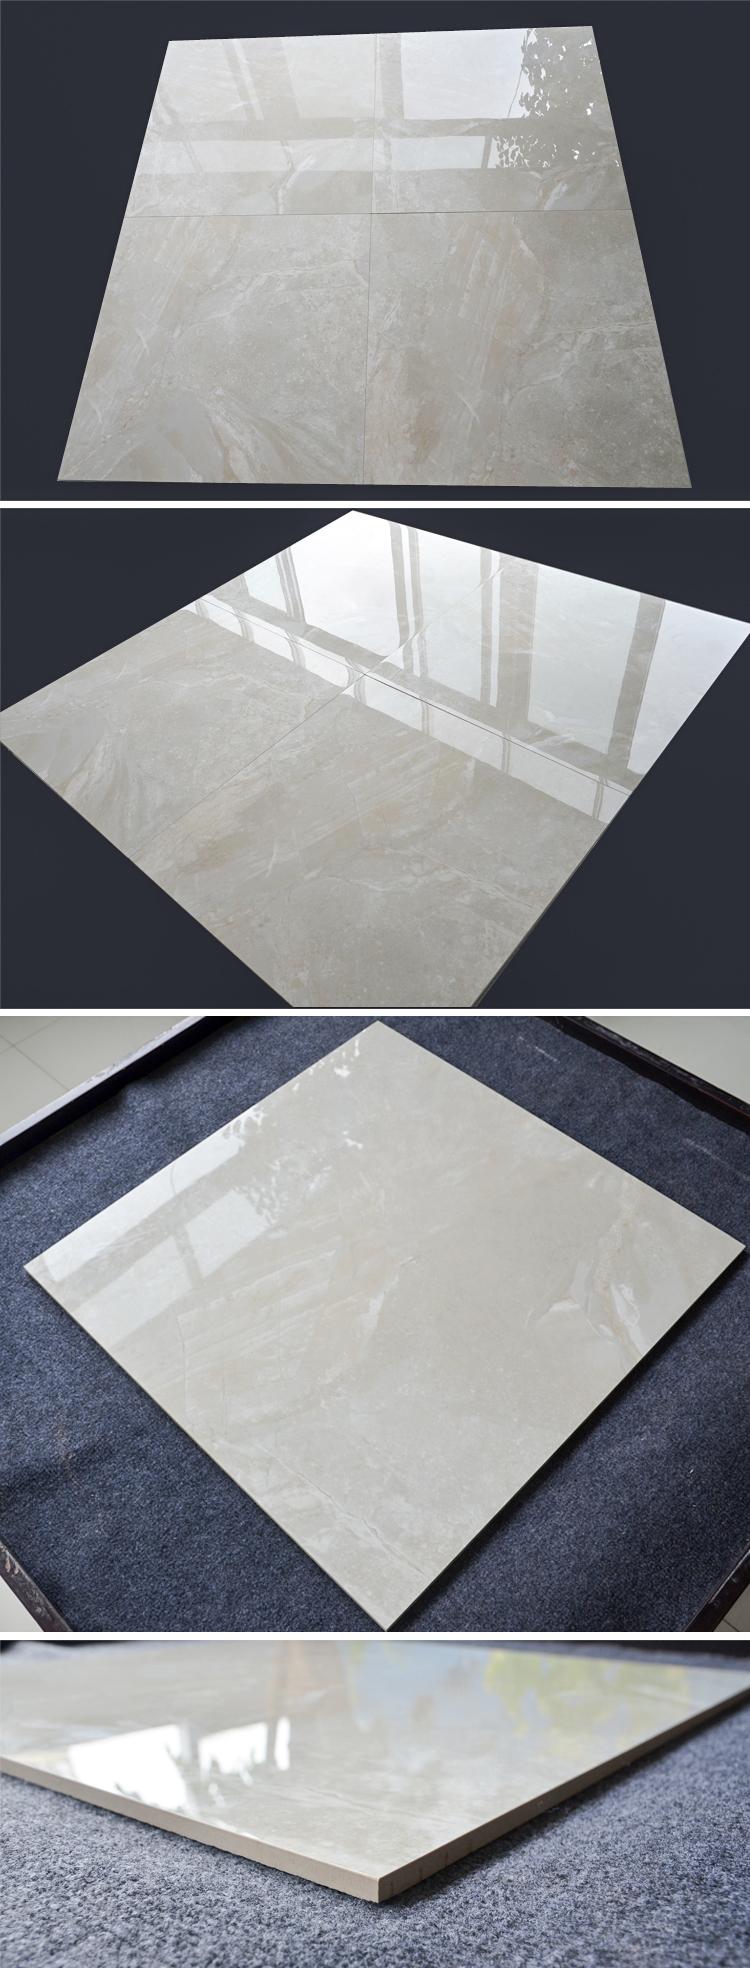 Hb6251 discontinued ceramic tilewholesale ceramic flooring hb6251 discontinued ceramic tilewholesale ceramic flooringeconomic ceramic floors dailygadgetfo Gallery